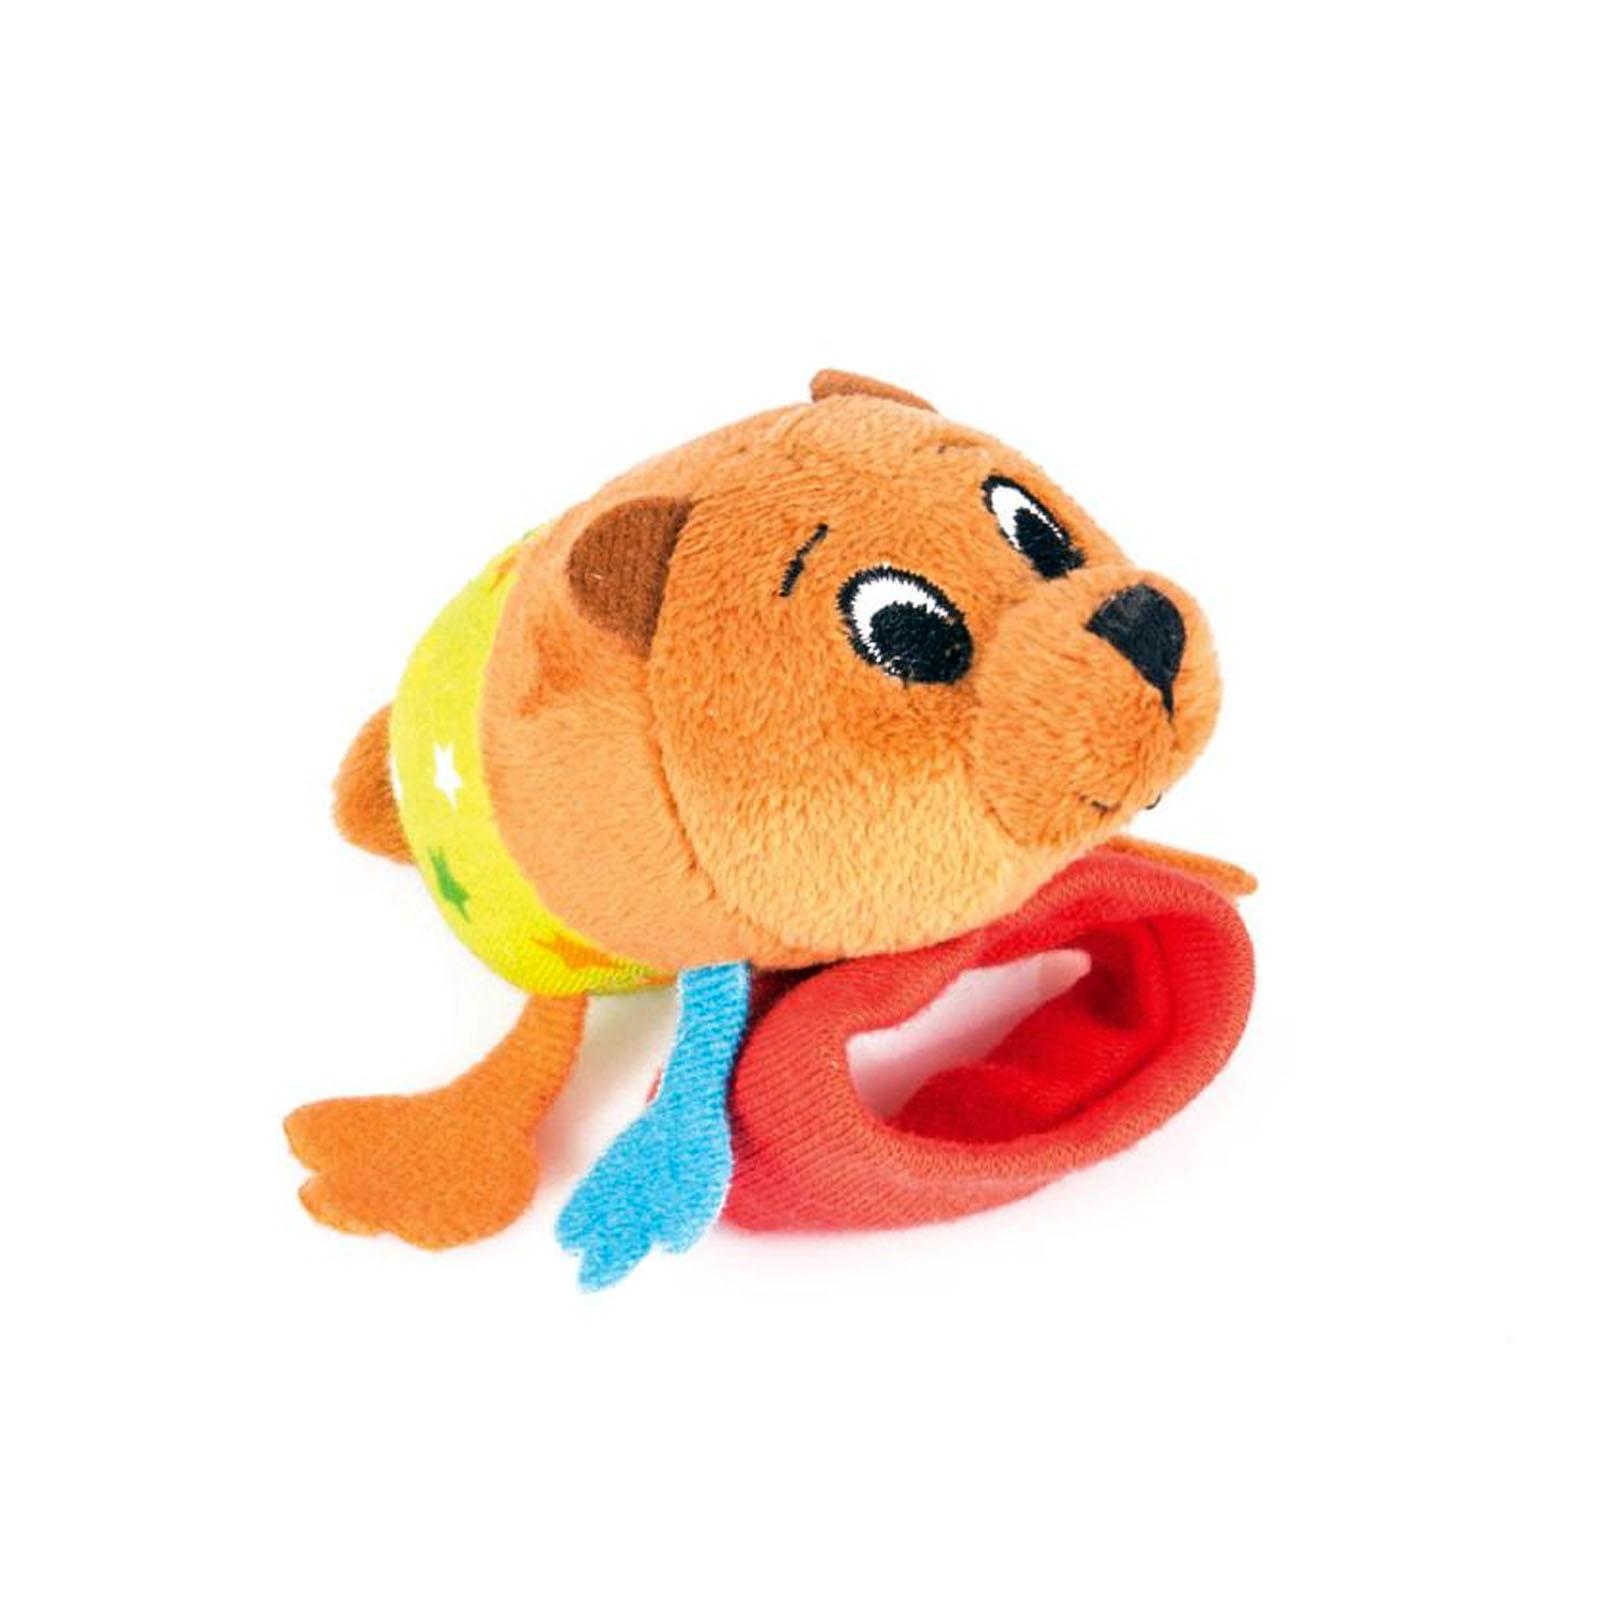 Фото - Погремушка на ручку медвежонок берни Happy snail 14HSB01BE игрушка погремушка happy snail хруми 17hst02hr